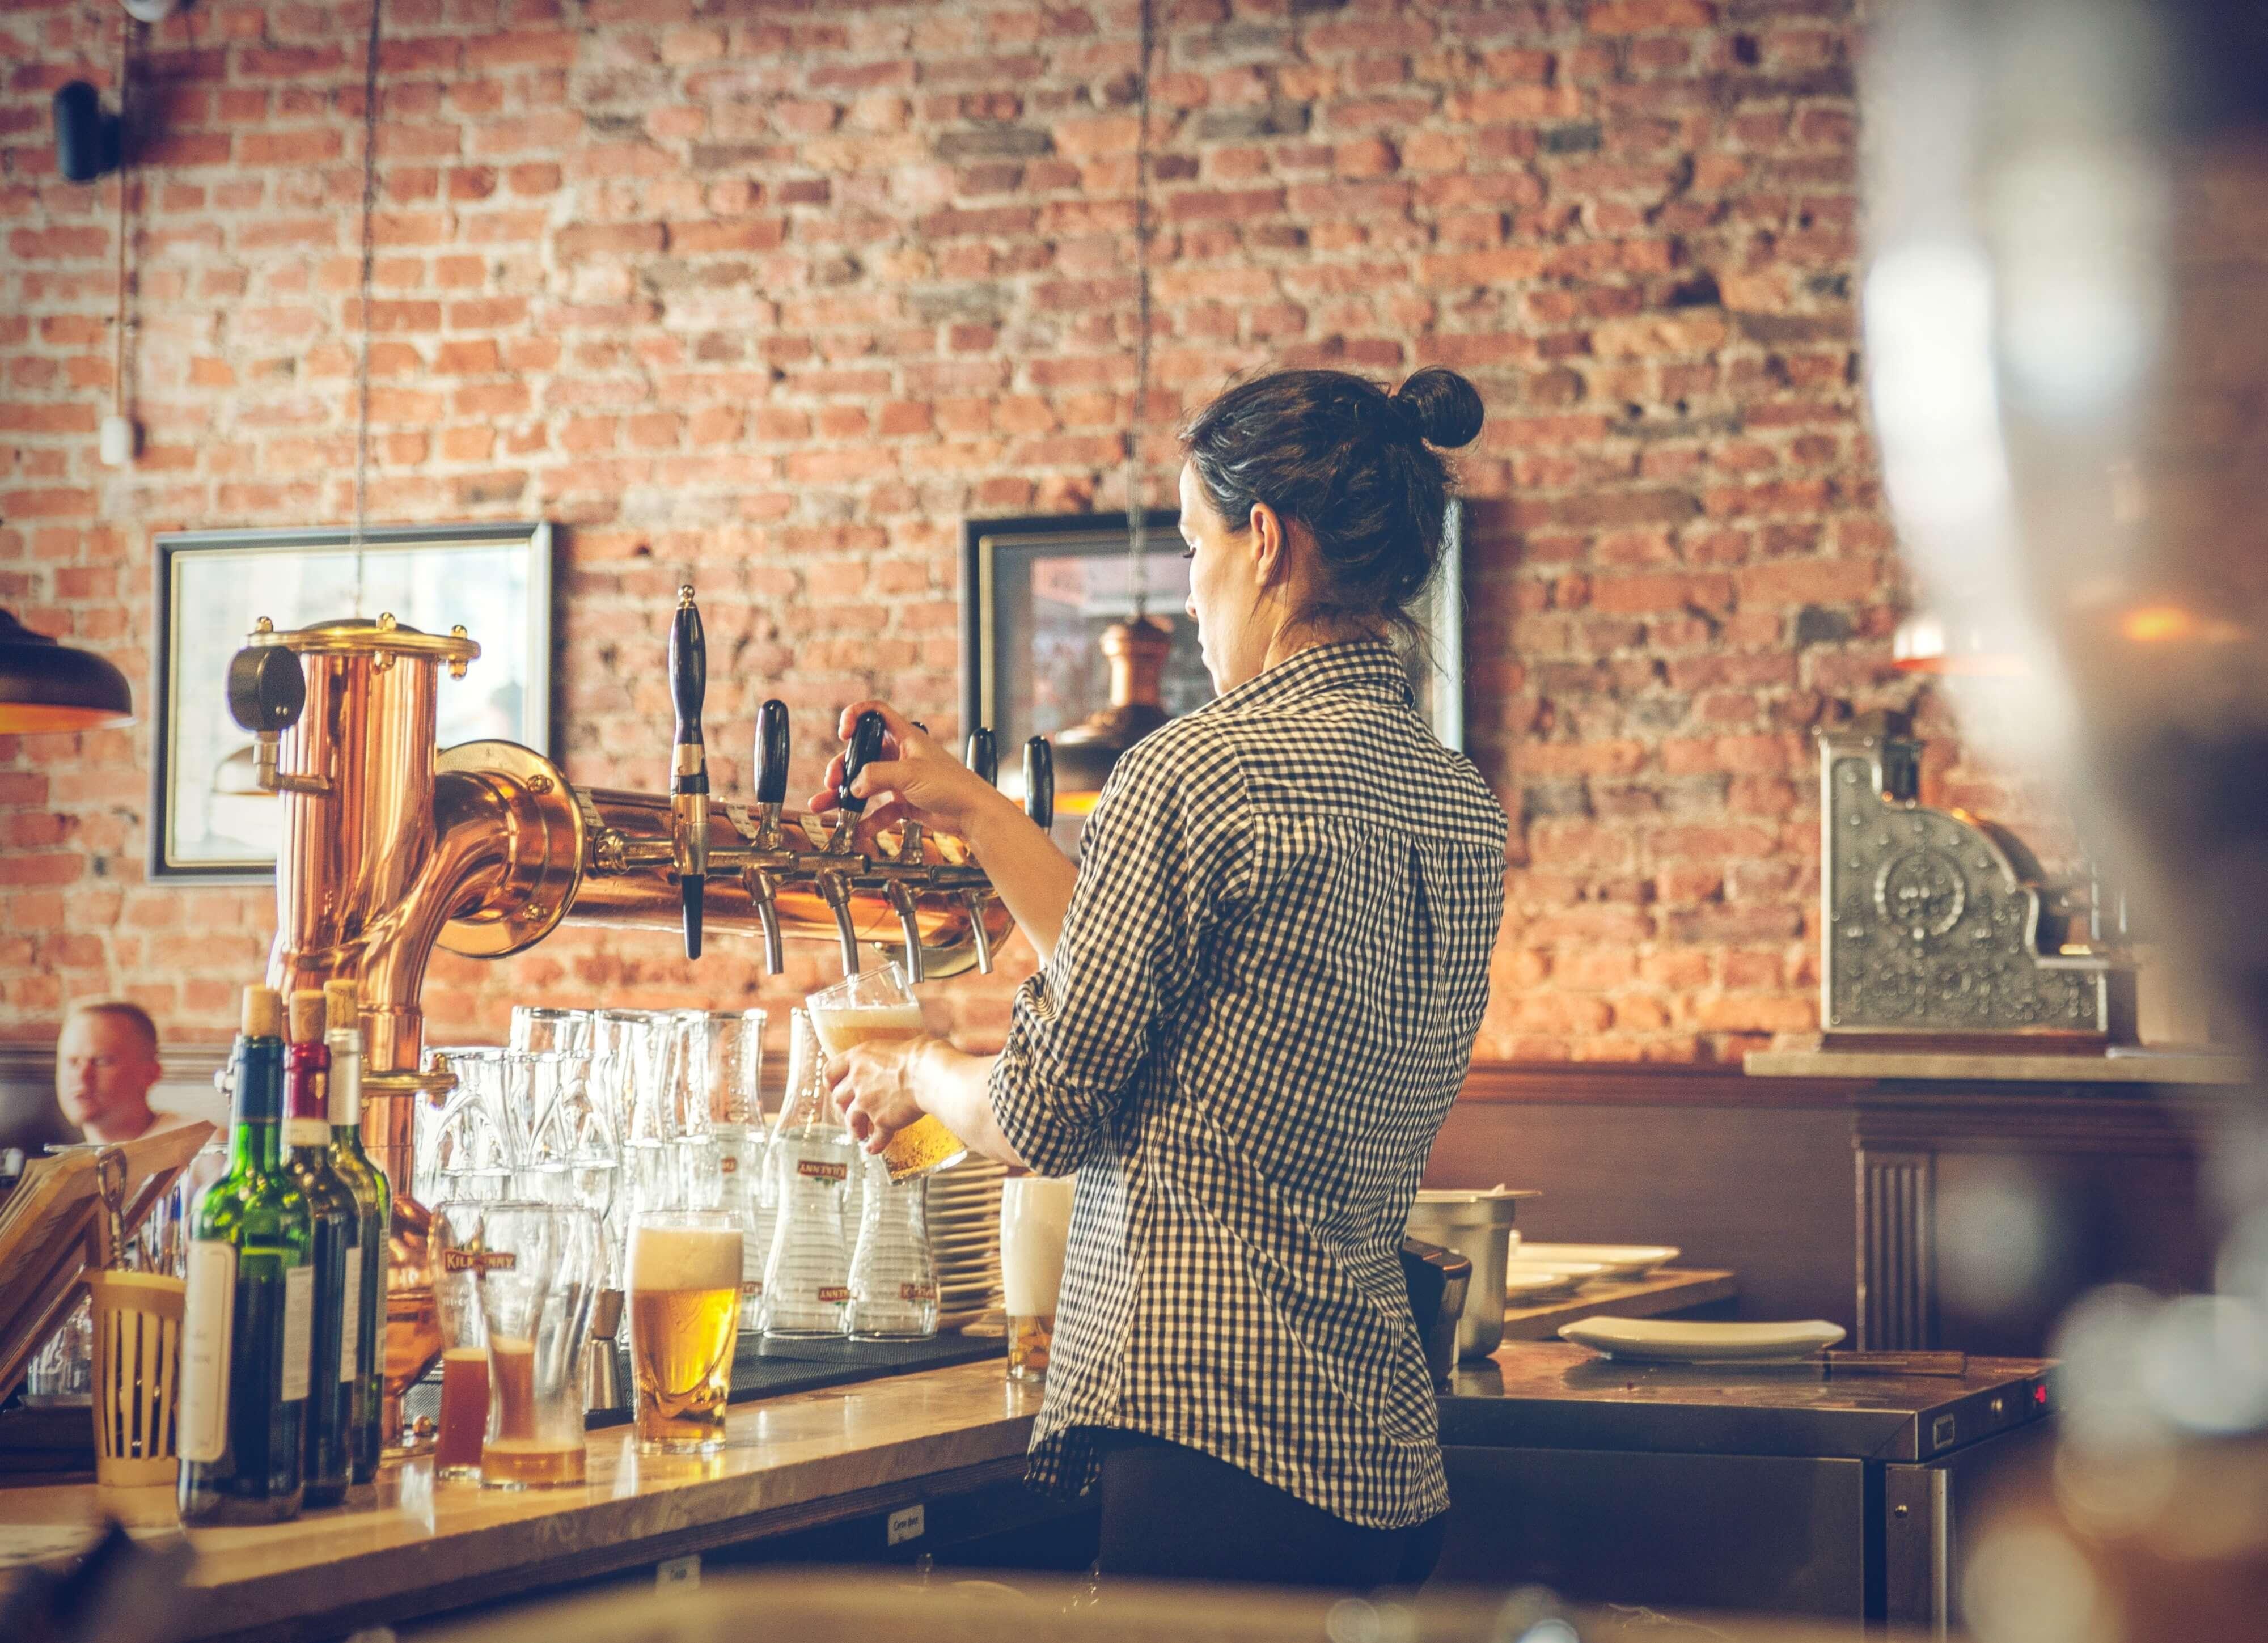 Woman Pouting Pint In A London Pub